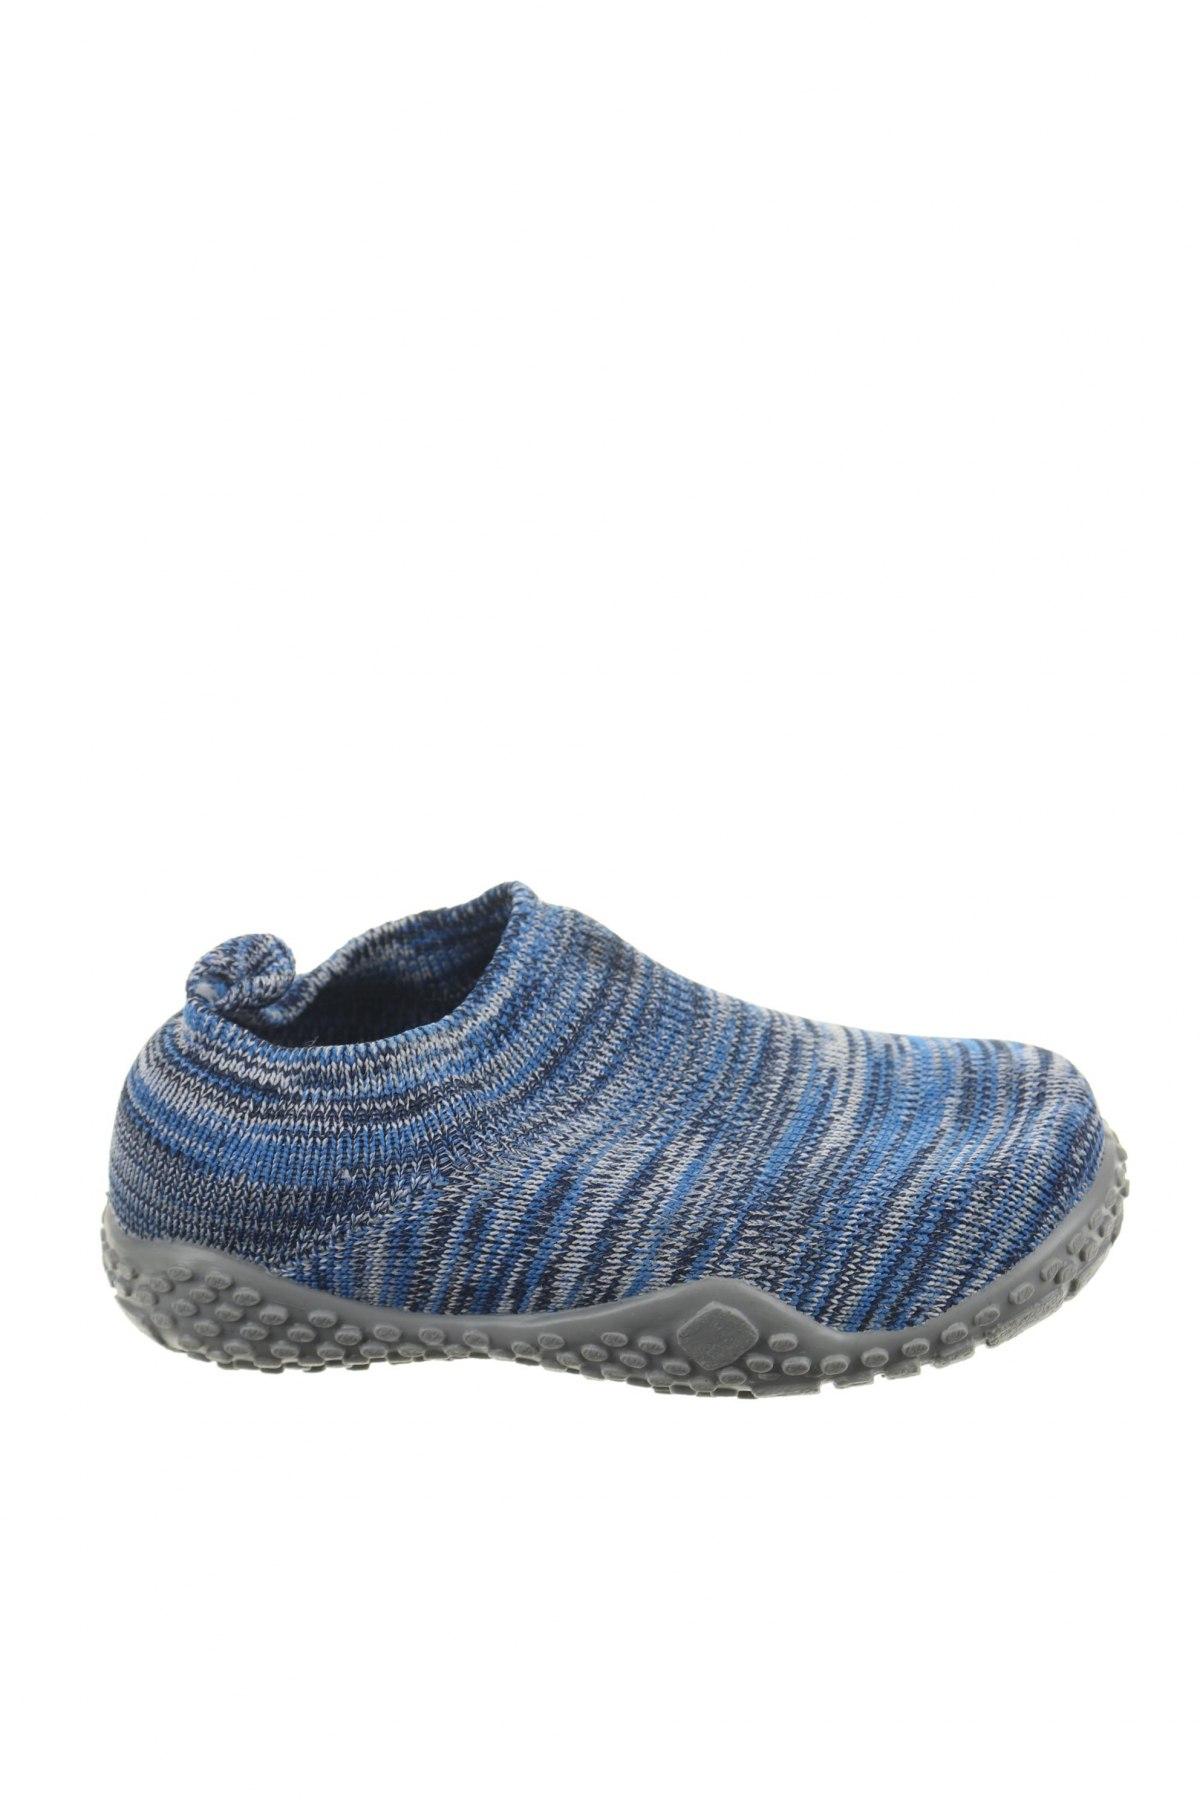 Παιδικά παπούτσια Playshoes, Μέγεθος 22, Χρώμα Μπλέ, Κλωστοϋφαντουργικά προϊόντα, Τιμή 11,38€